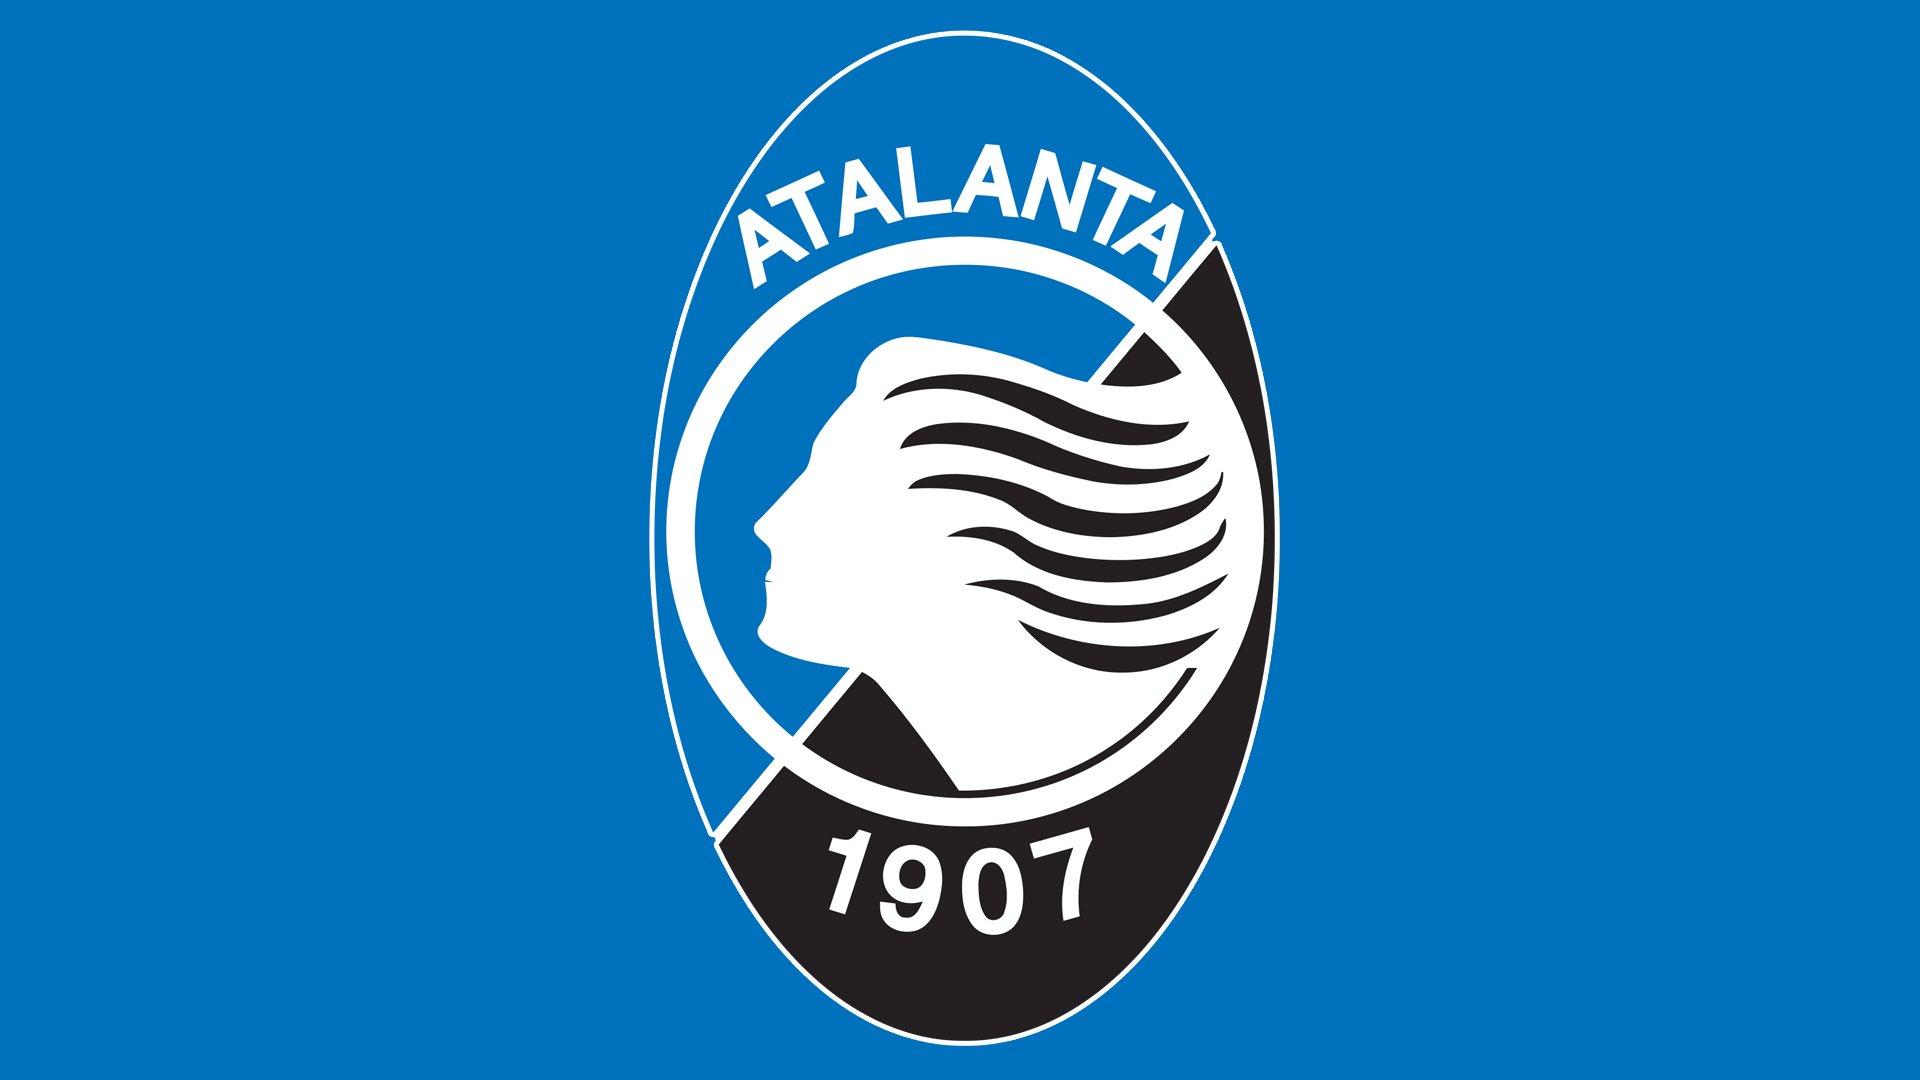 Atalanta logo and symbol, meaning, history, PNG